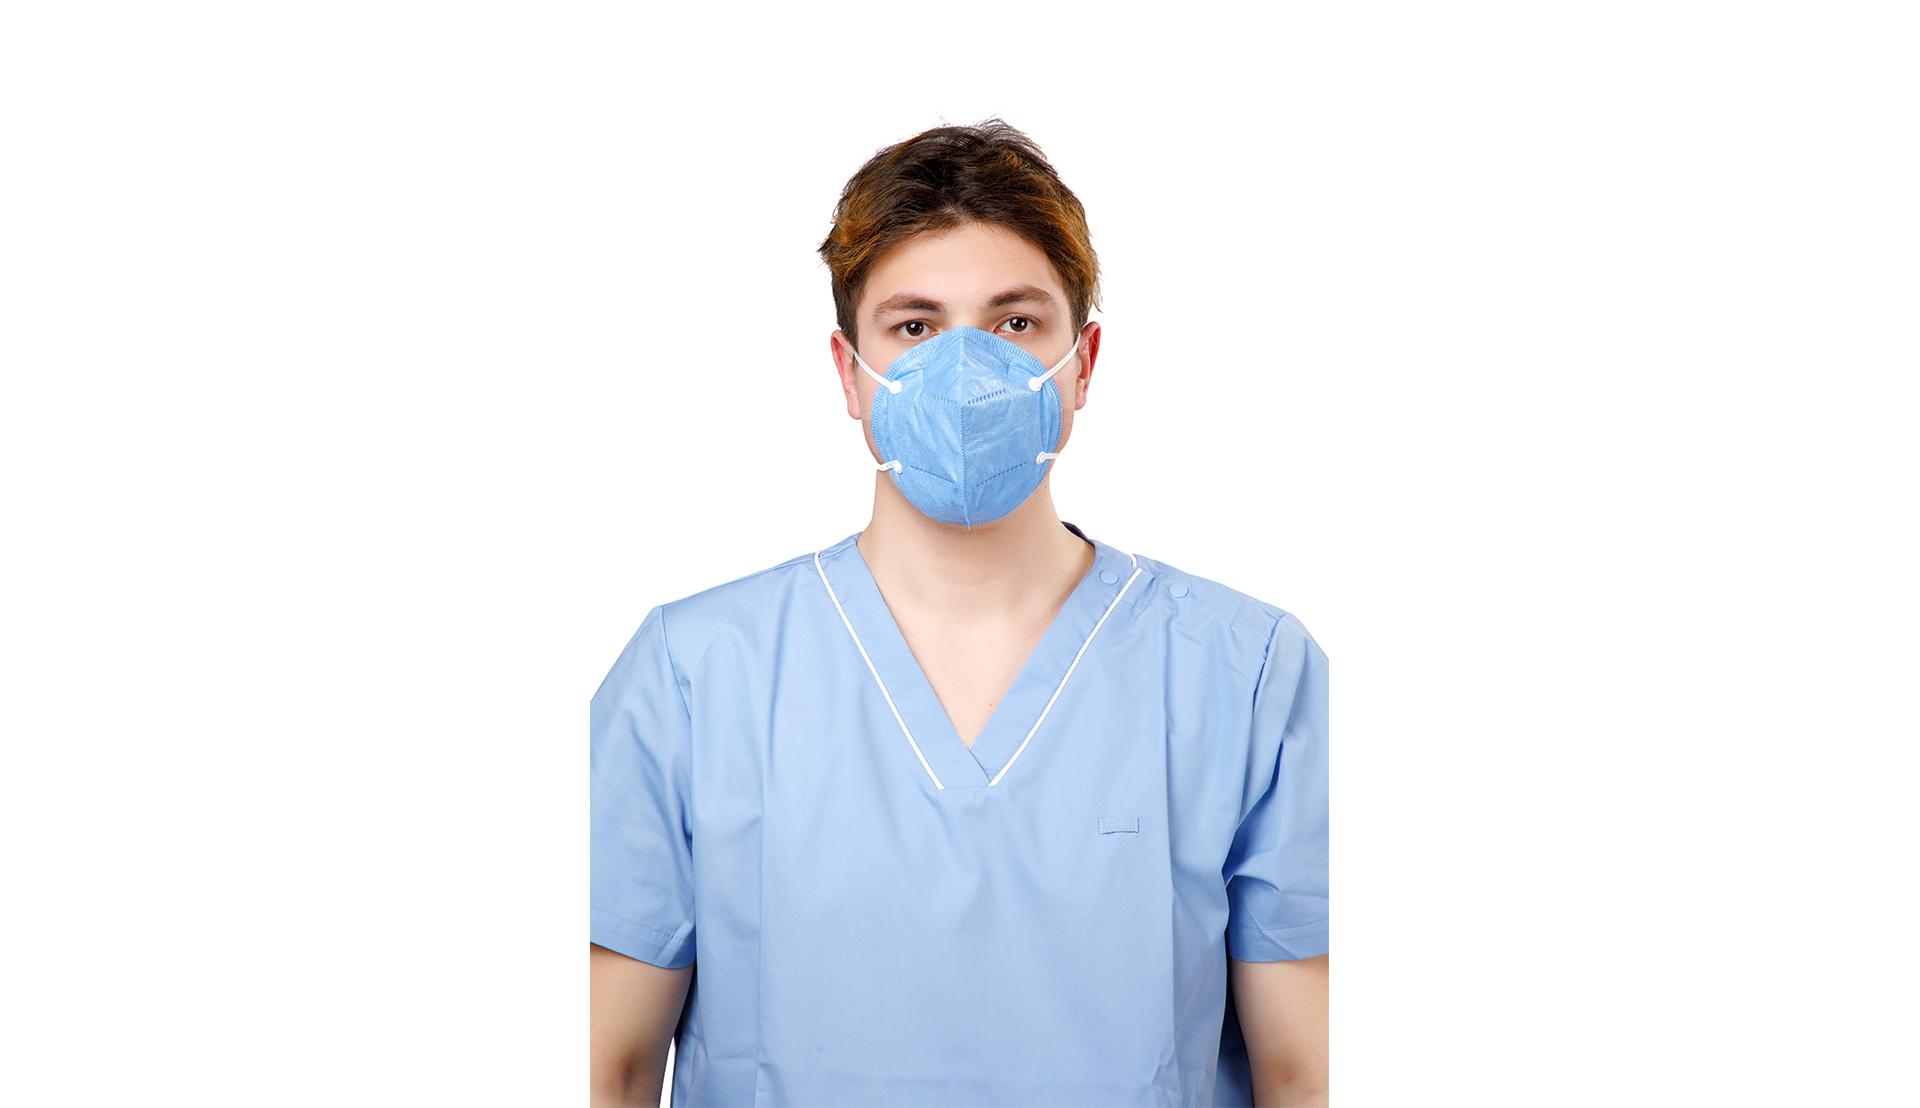 Masques respiratoires à pli plat N95 avec boucles d'oreille